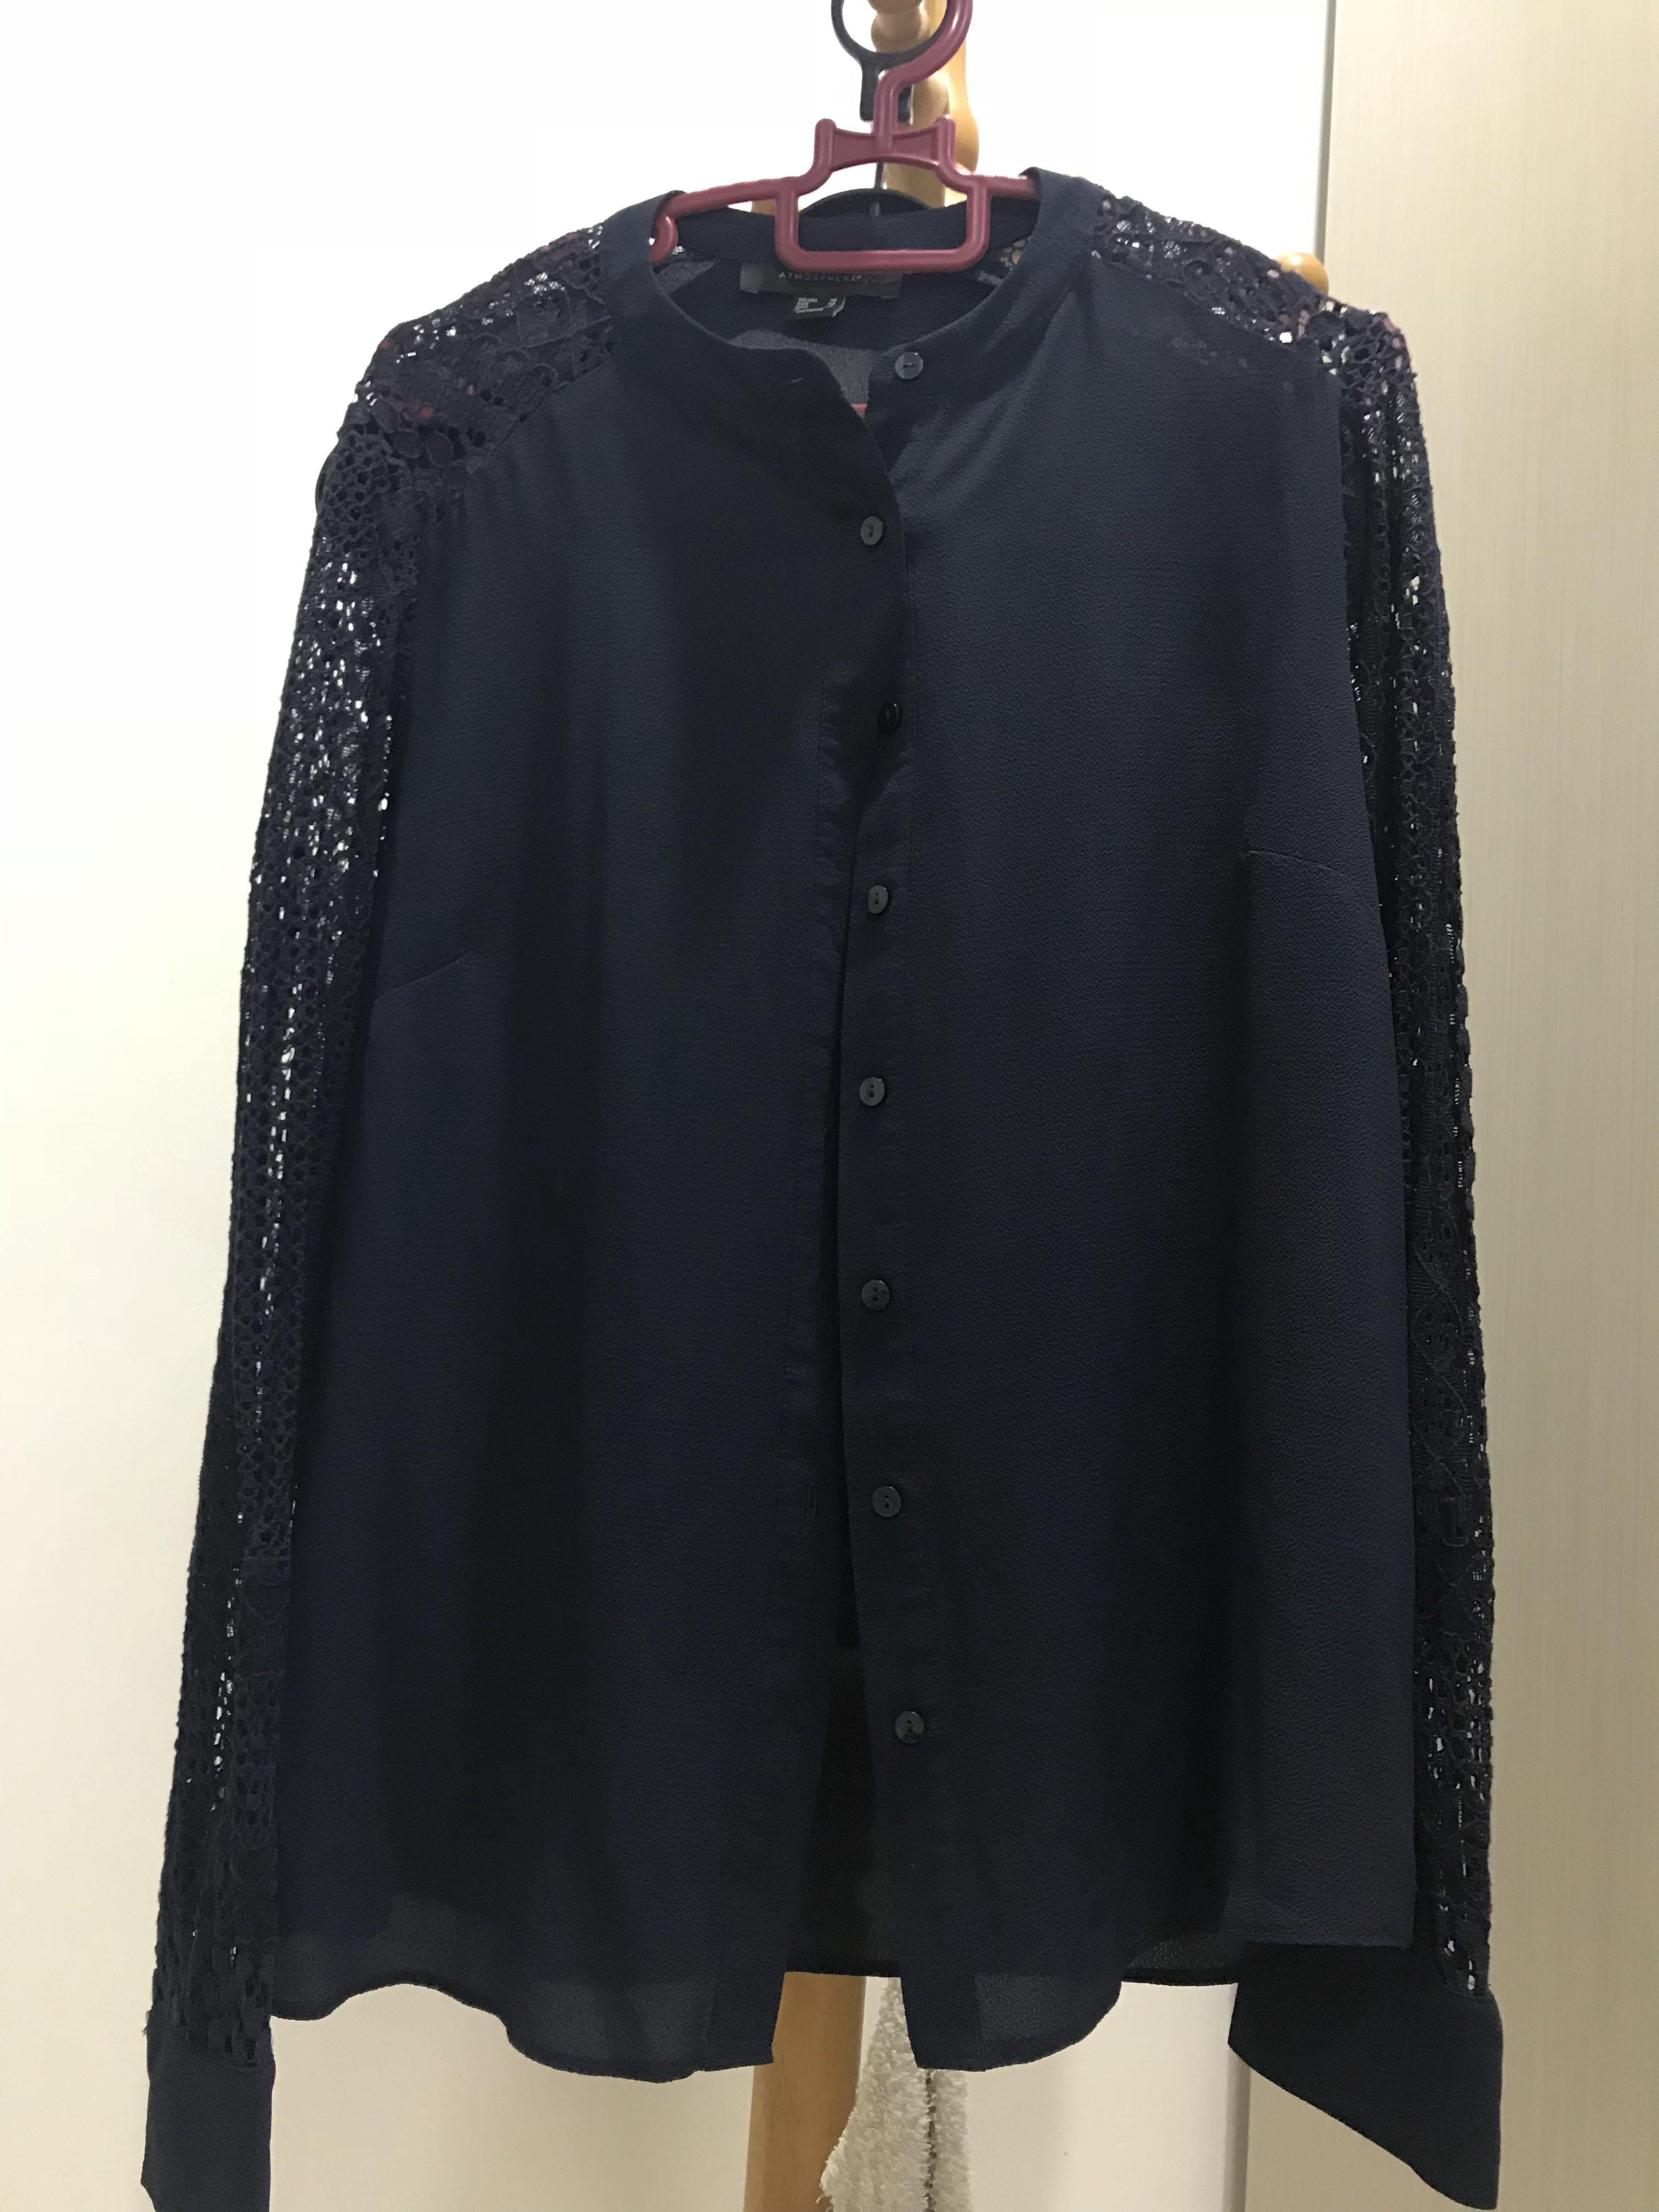 Blue black lace top